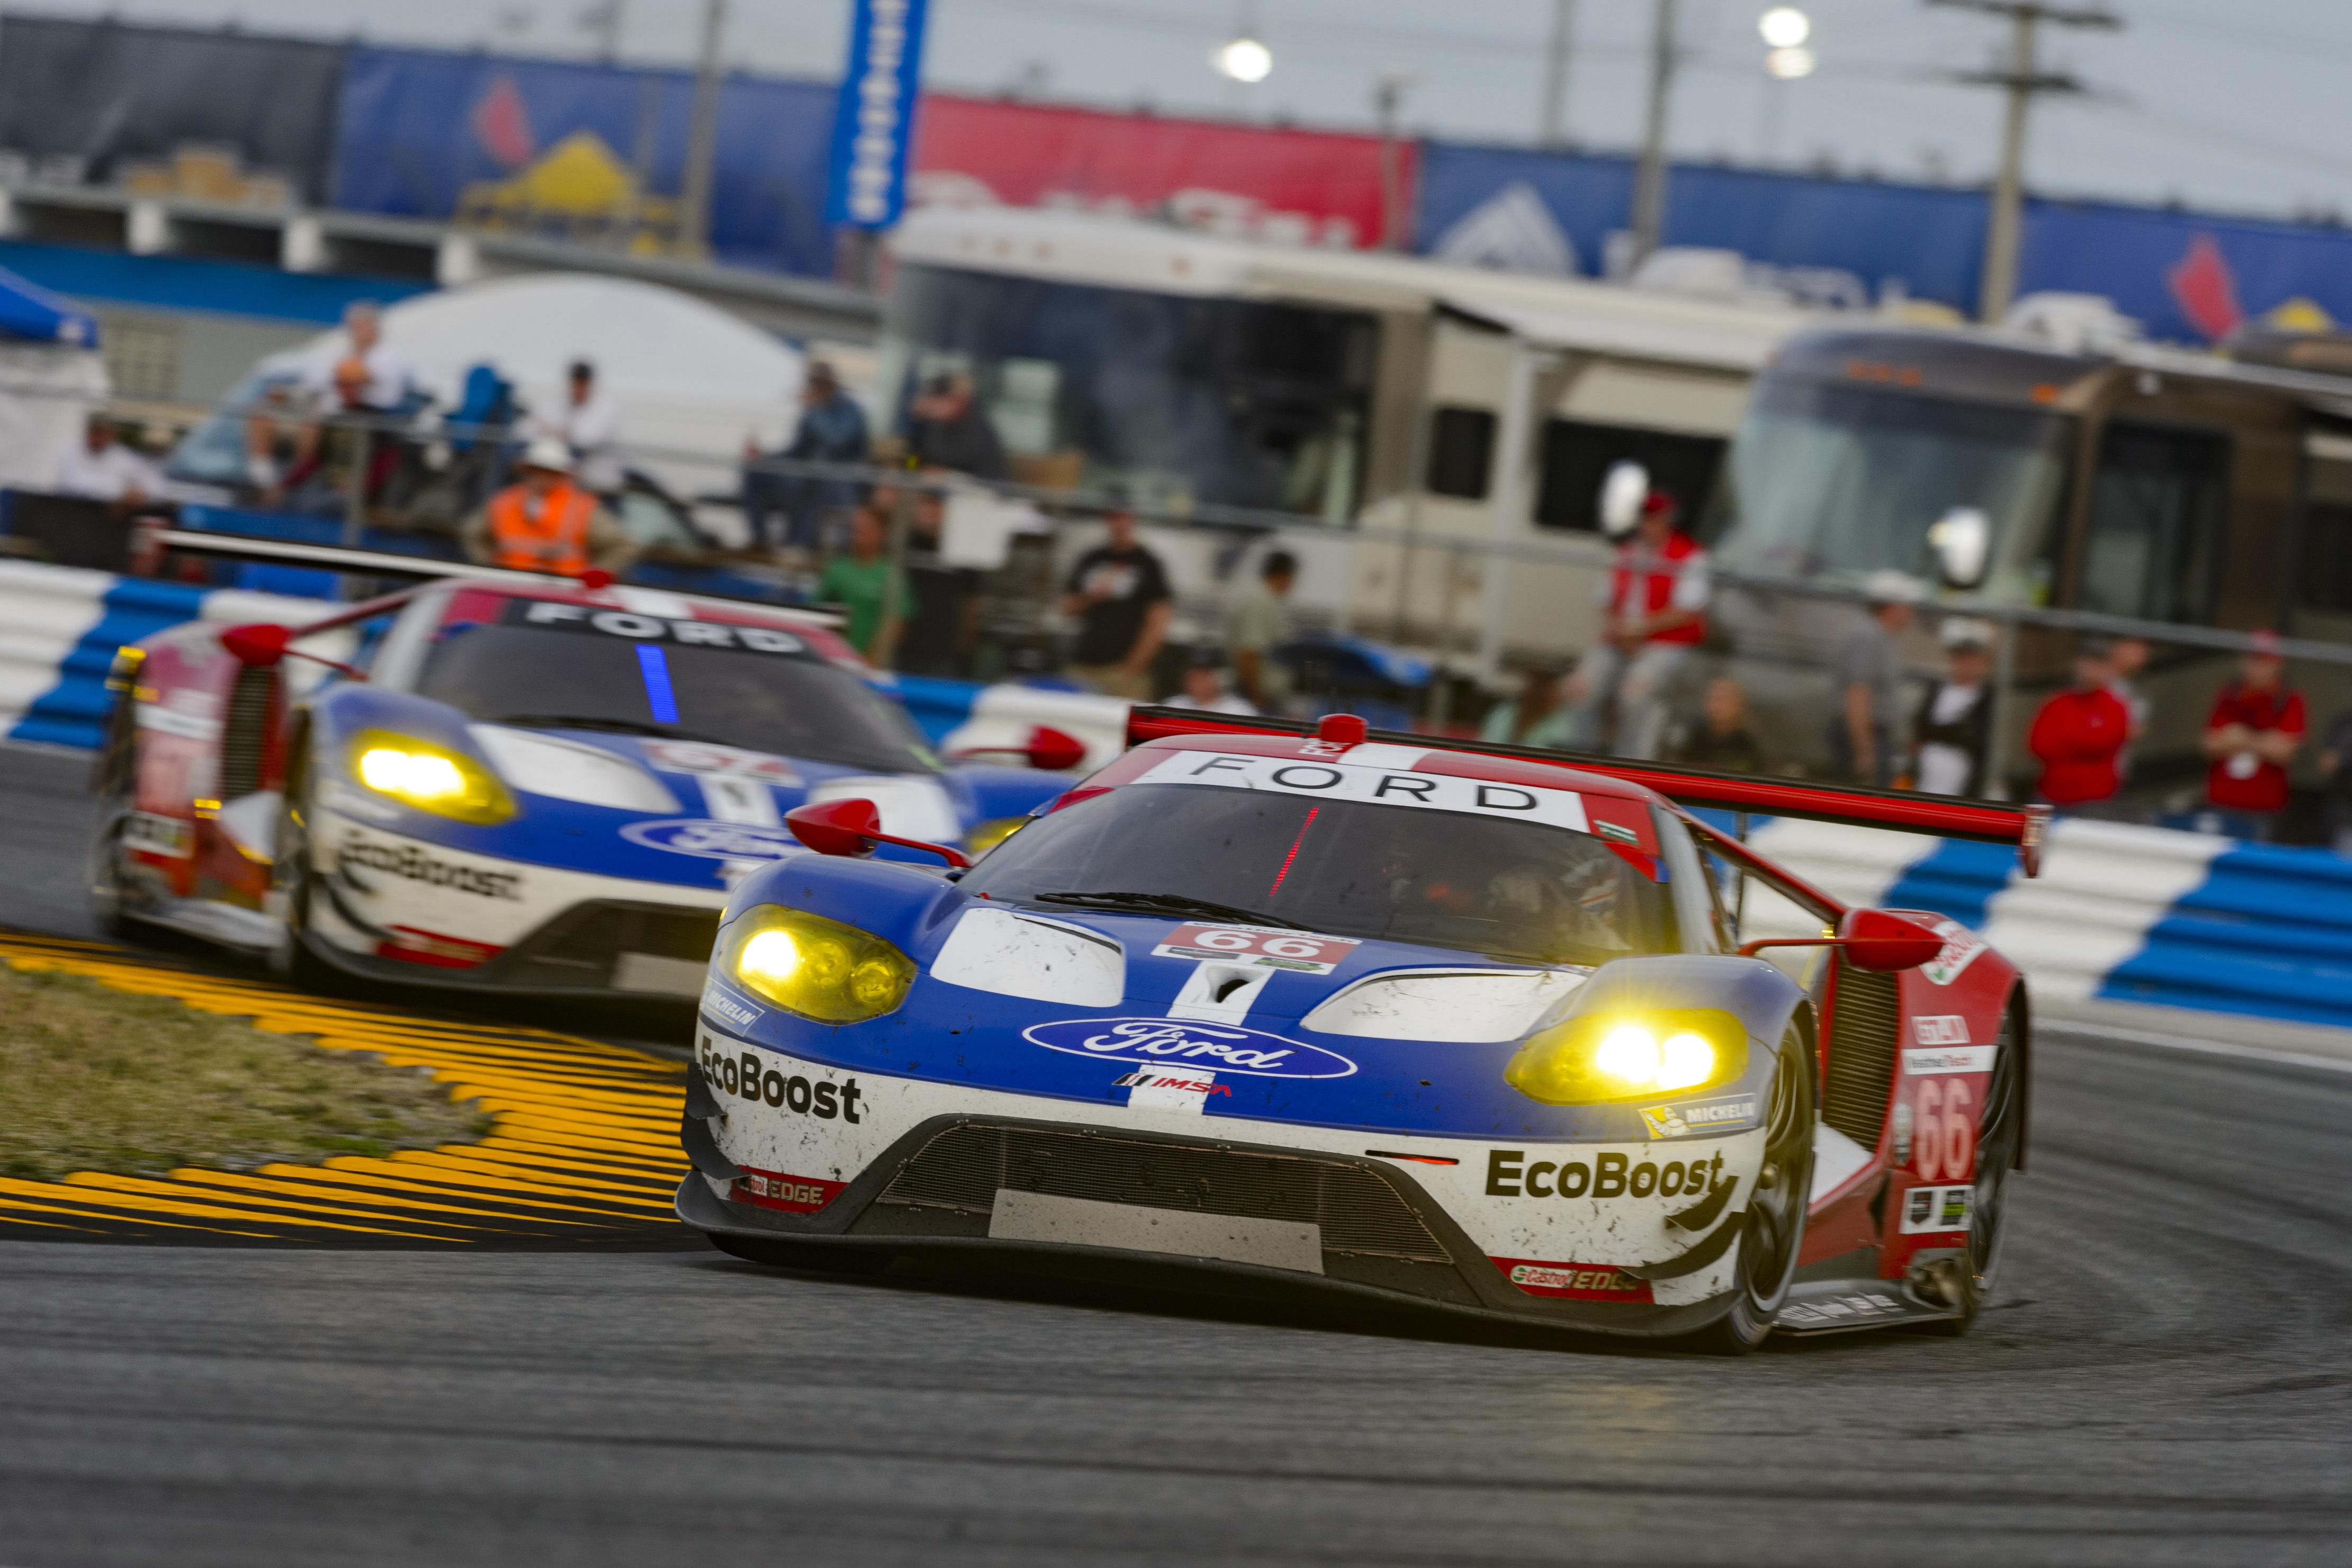 4 автомобілі Ford GT візьмуть участь у гонках Ле-Мана - офіційний представник Winner в Україні